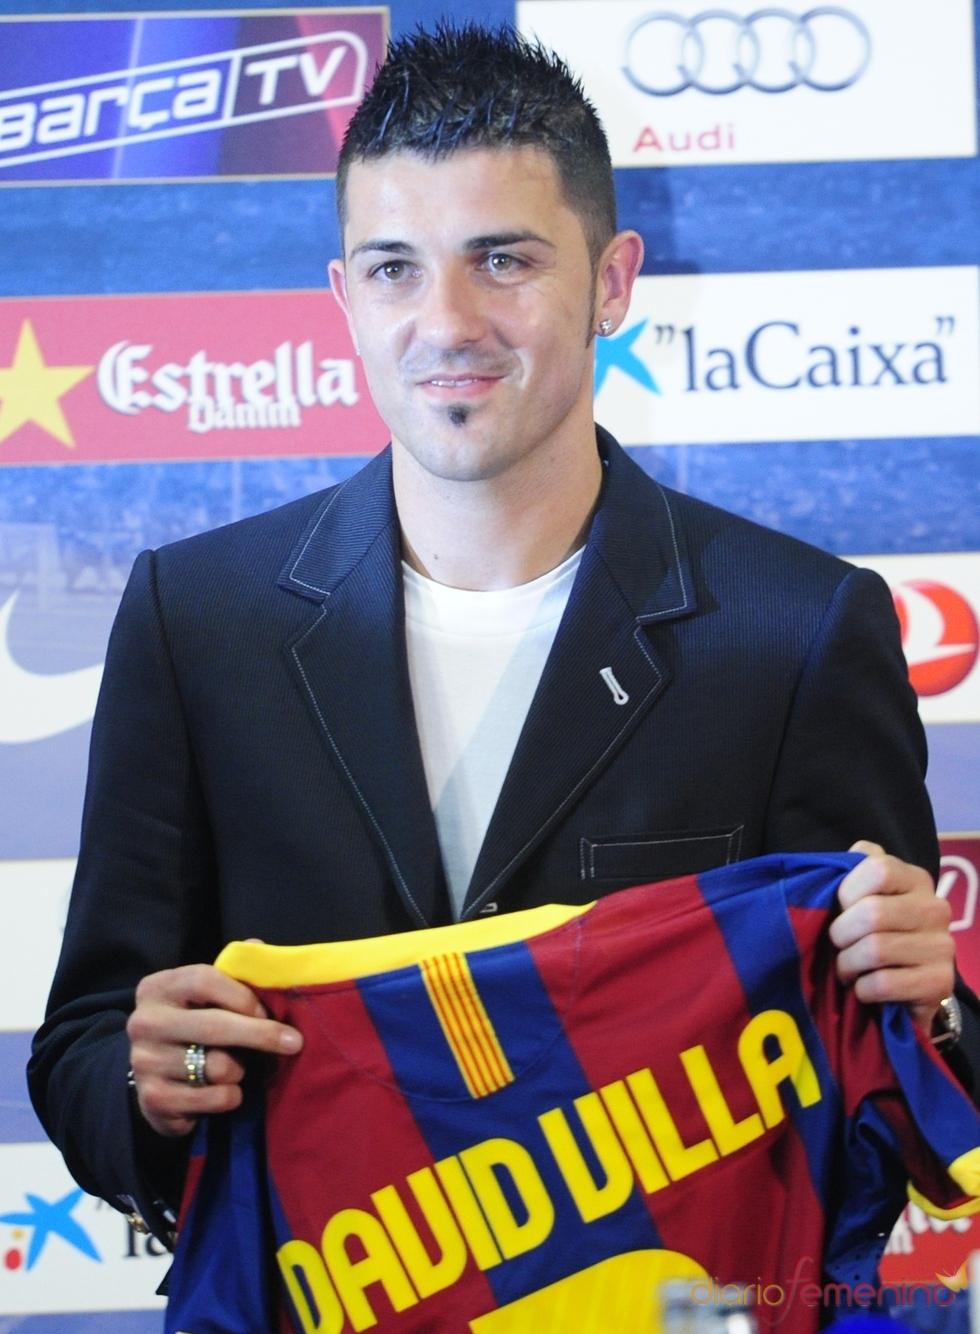 David Villa viste nueva camiseta